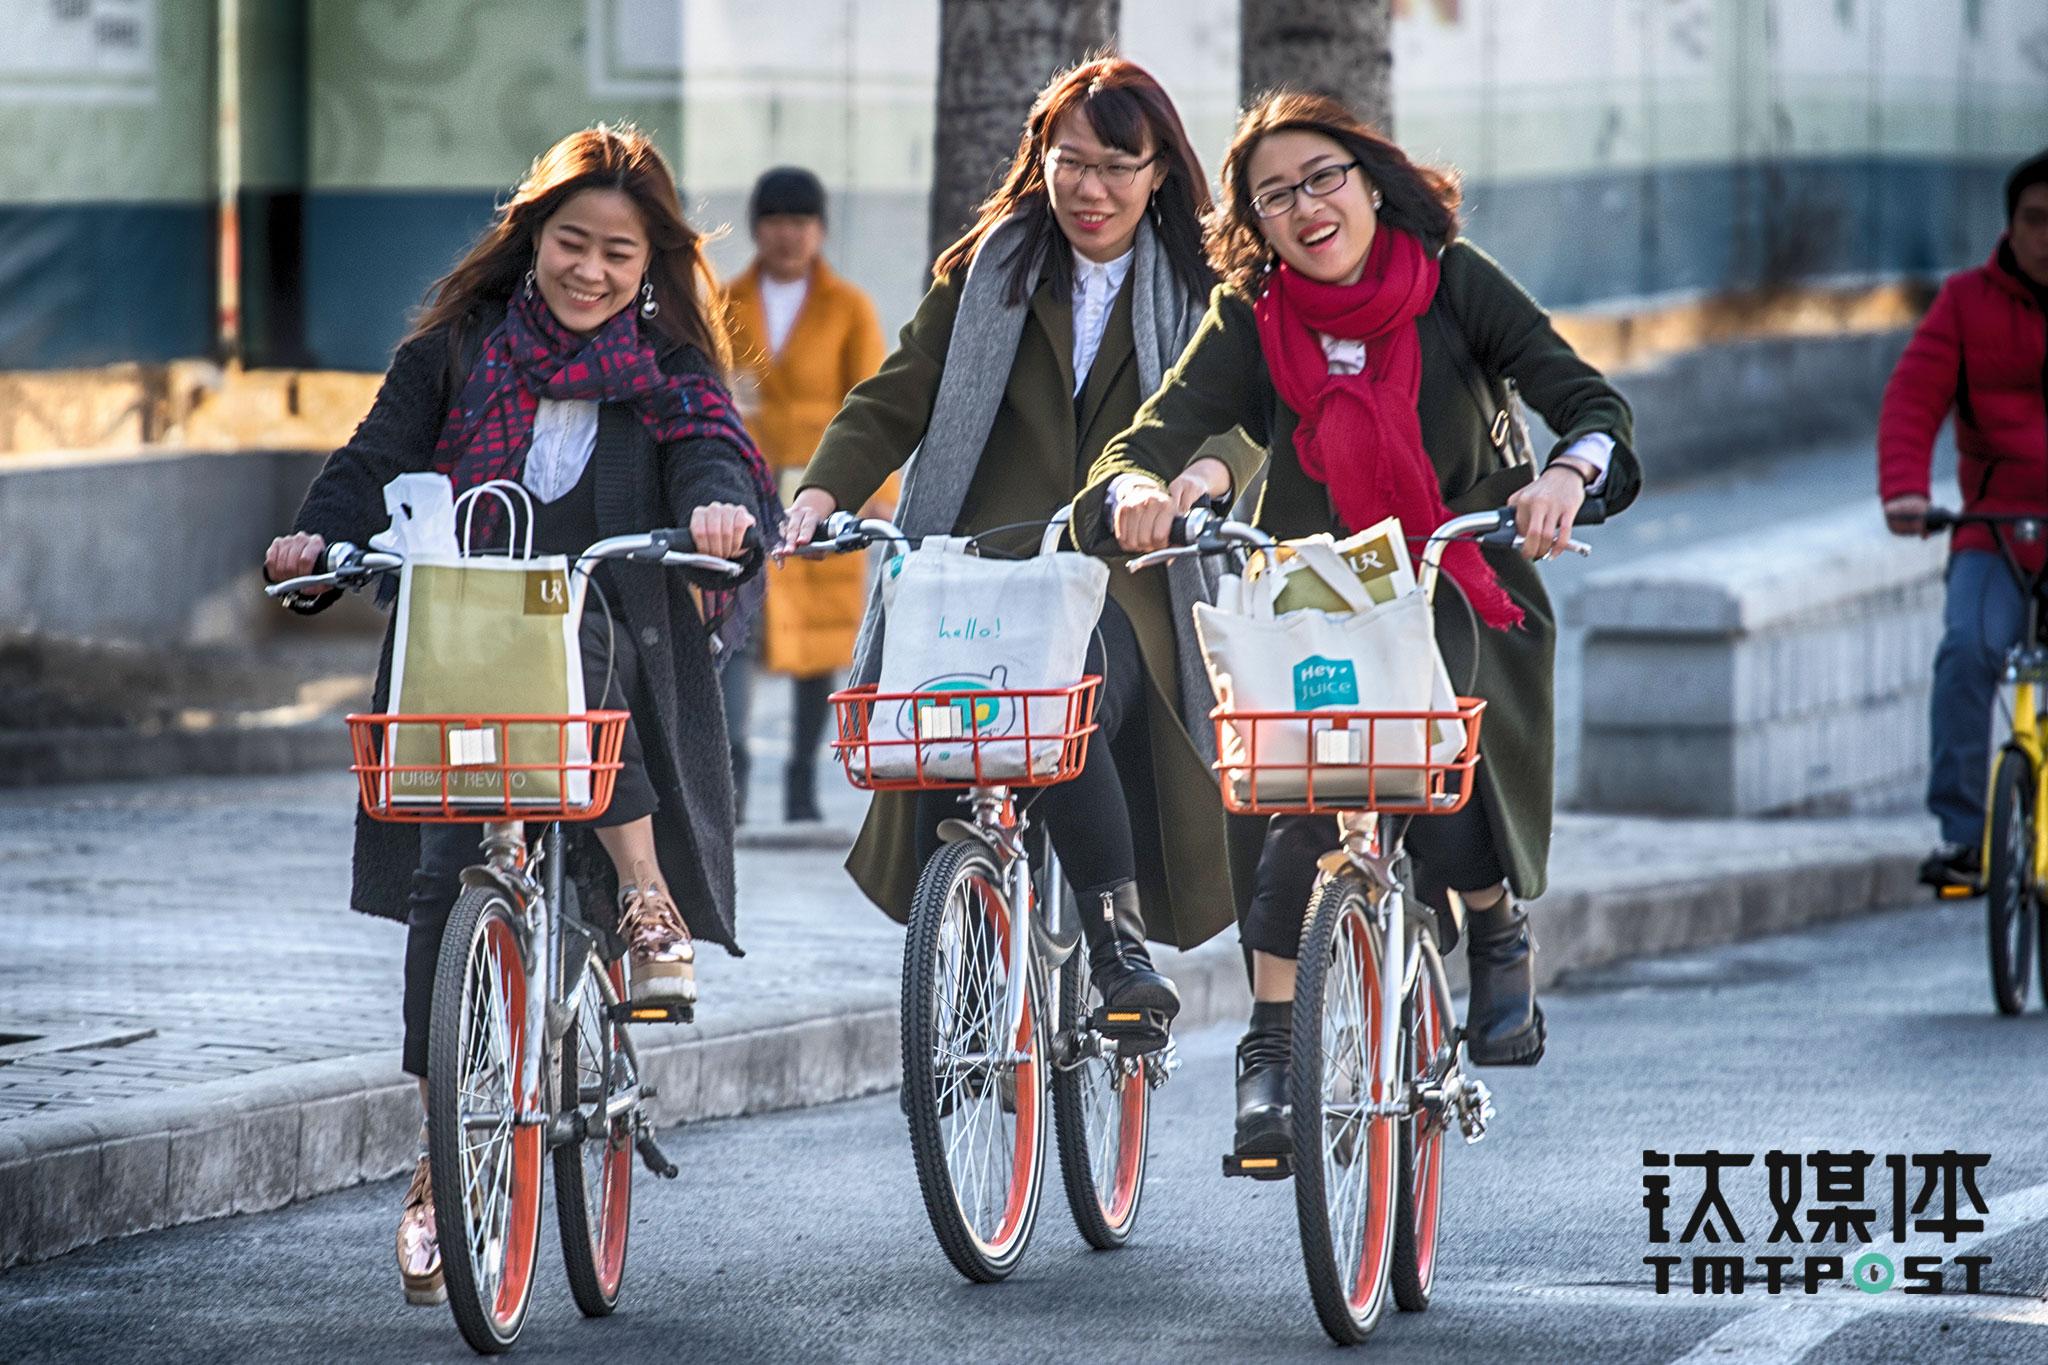 摩拜单车2016年4月从上海进入共享单车市场,到2017年2月已进入国内超过20个城市。摩拜单车CEO曾表示,先不想怎样盈利,首先将在每个城市先投入10万辆车。1月4日,摩拜宣布D轮融资,其后两个月之内,摩拜又获得D轮系列的第三笔投资。截止2月底,其D轮融资额已超过3亿美元。